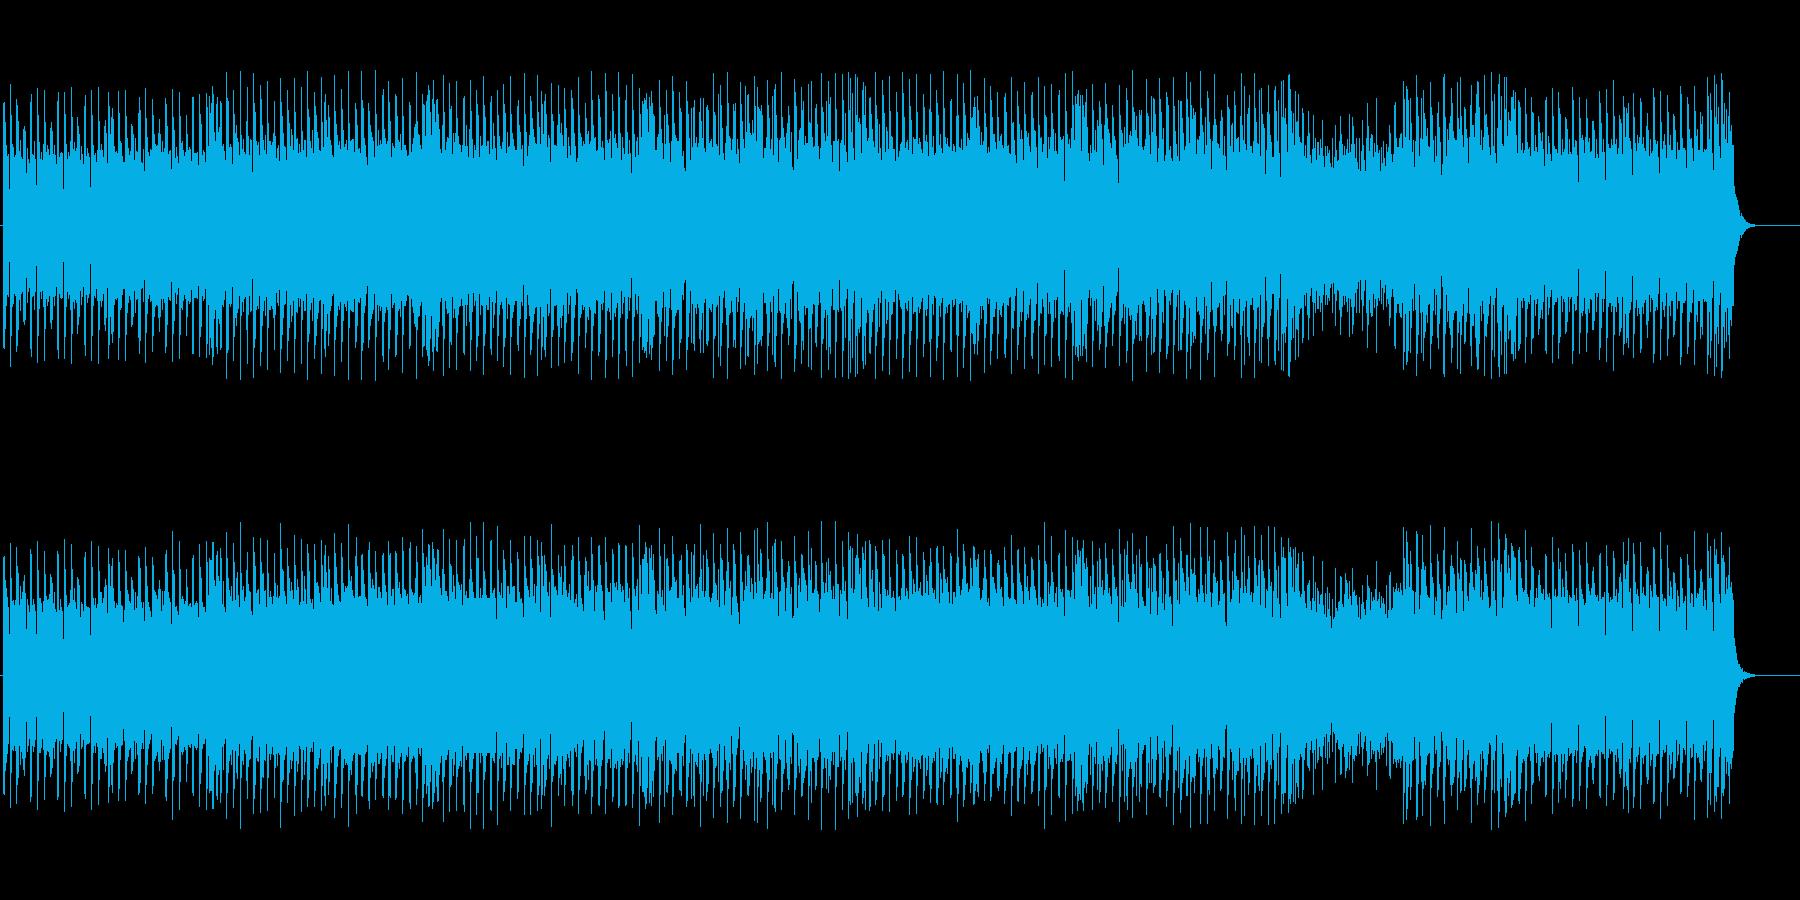 ファンタジックで可愛いテクノBGMの再生済みの波形